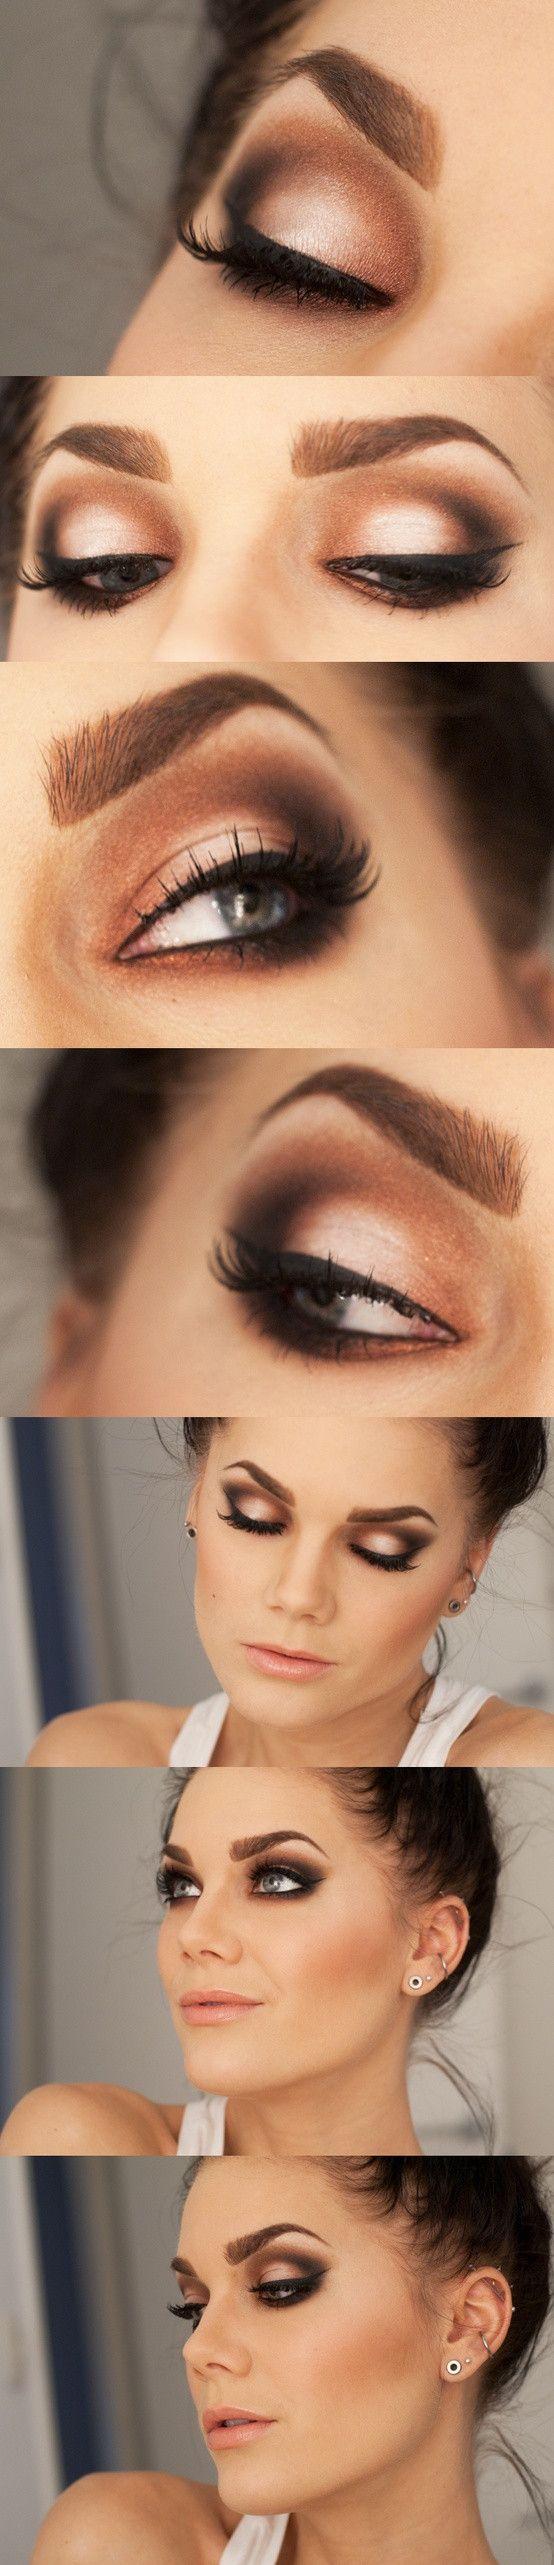 aproveite seu kit Olhos preto para fazer esta variação! É lindo!! Ainda não tem um kit olhos preto? Me procure! bjs Gabi